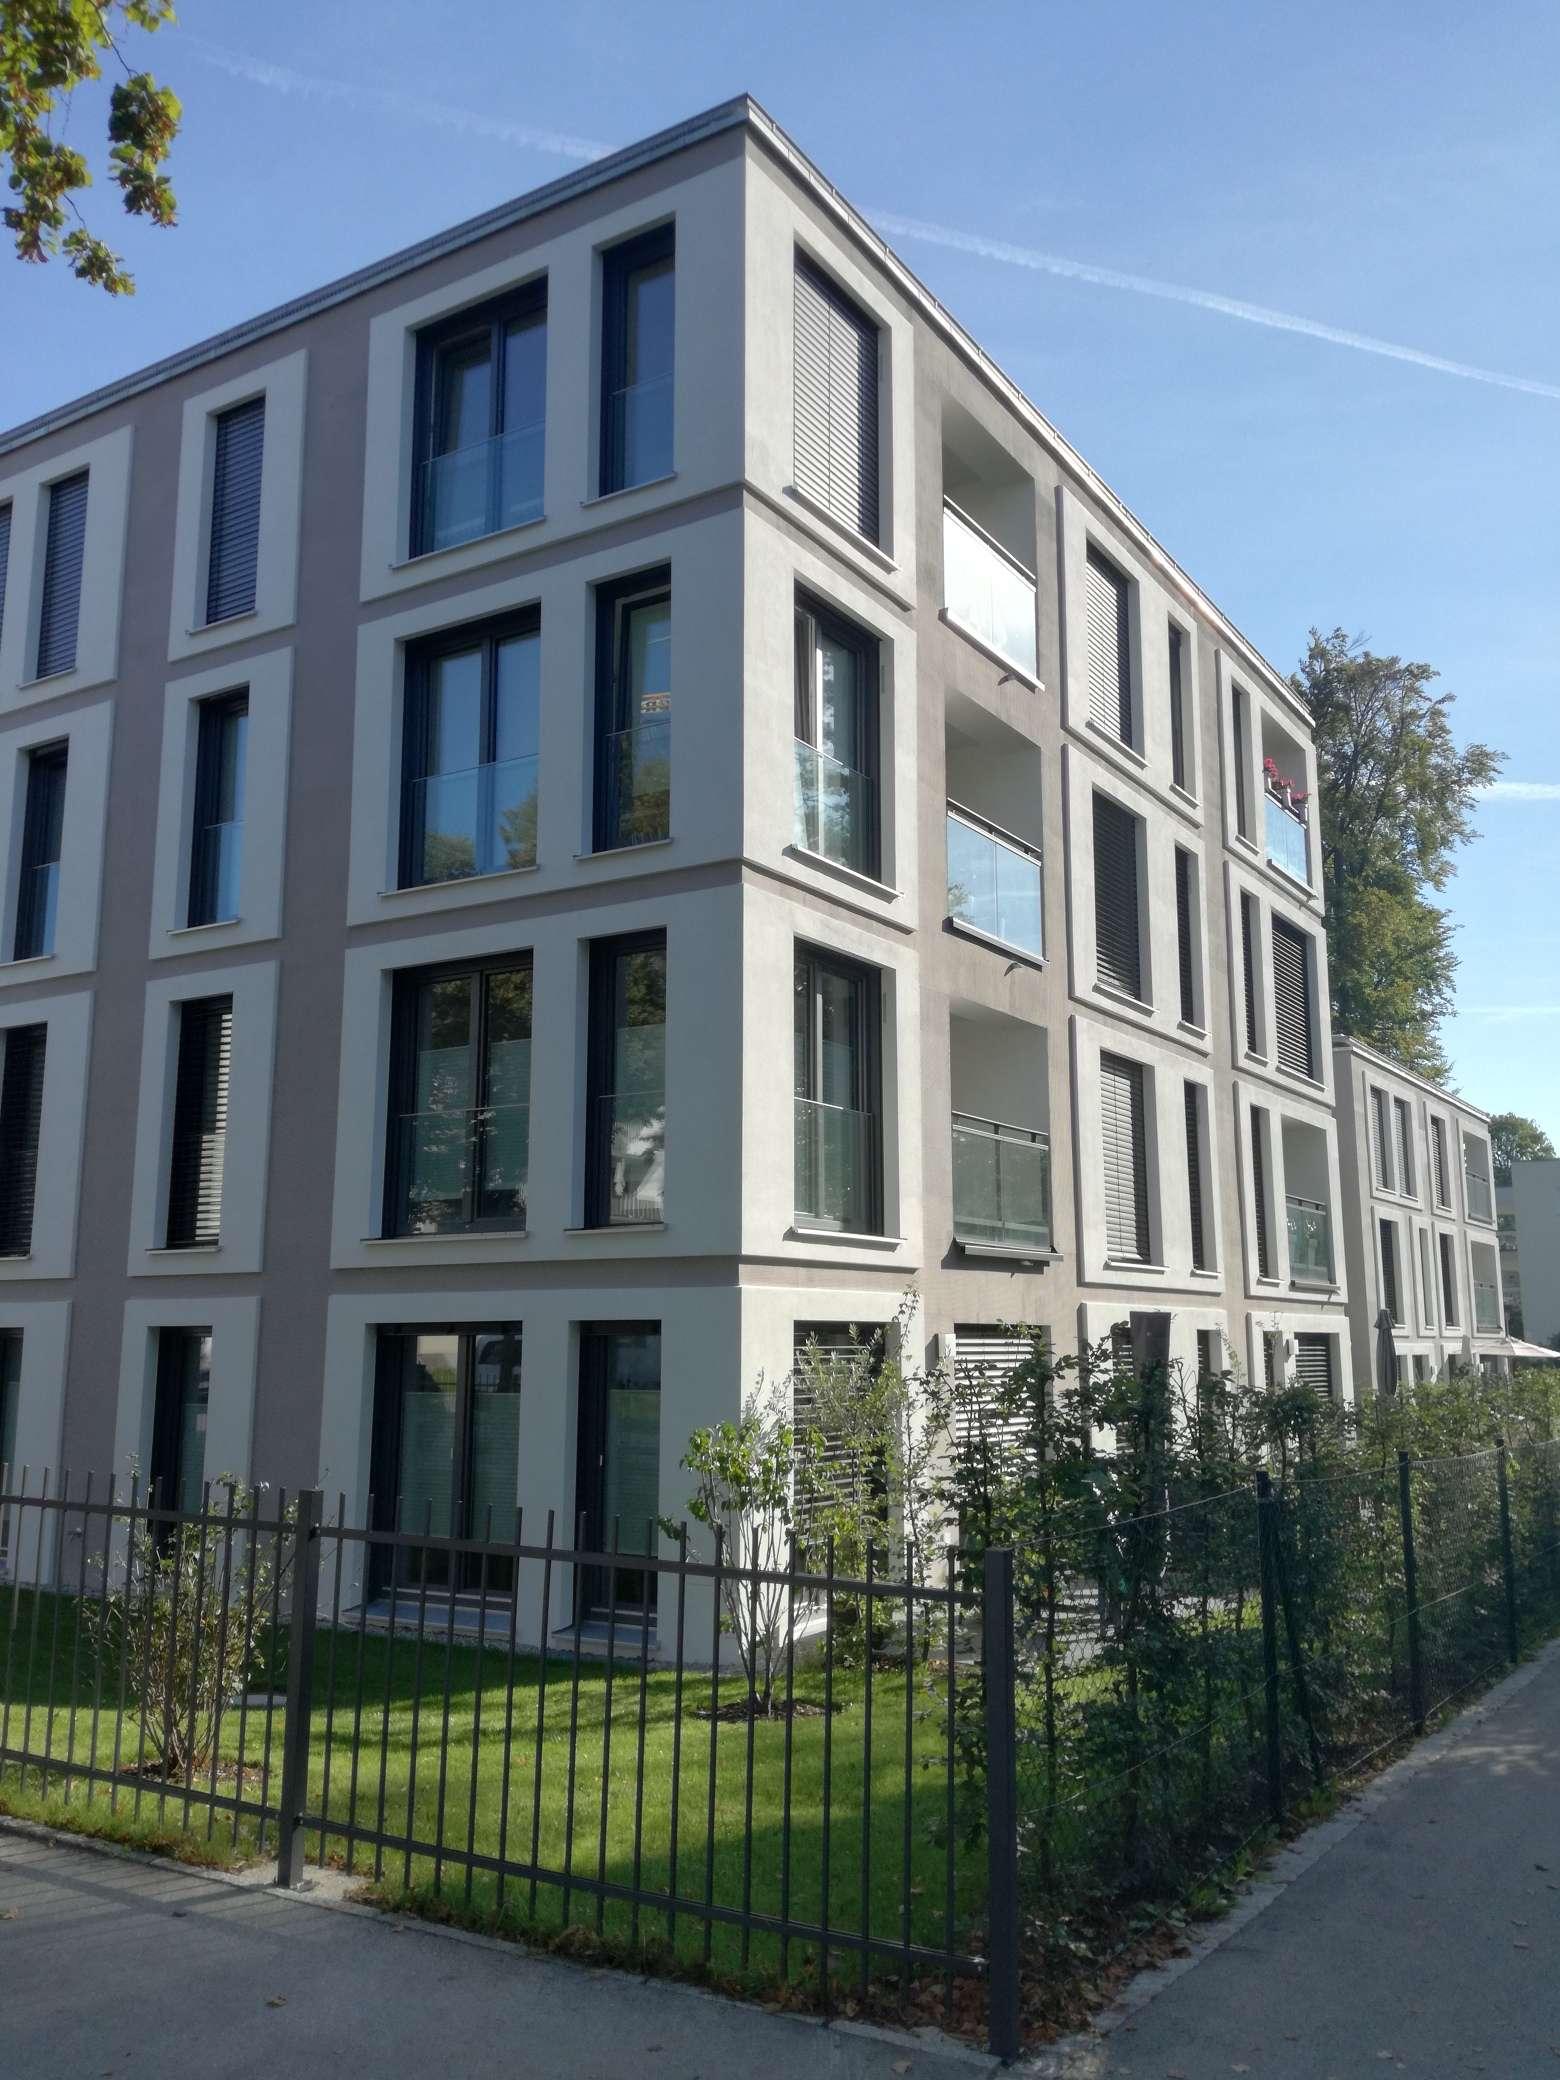 Wohnen zentral in Starnberg!  Schöne 3-Zimmer-Wohnung